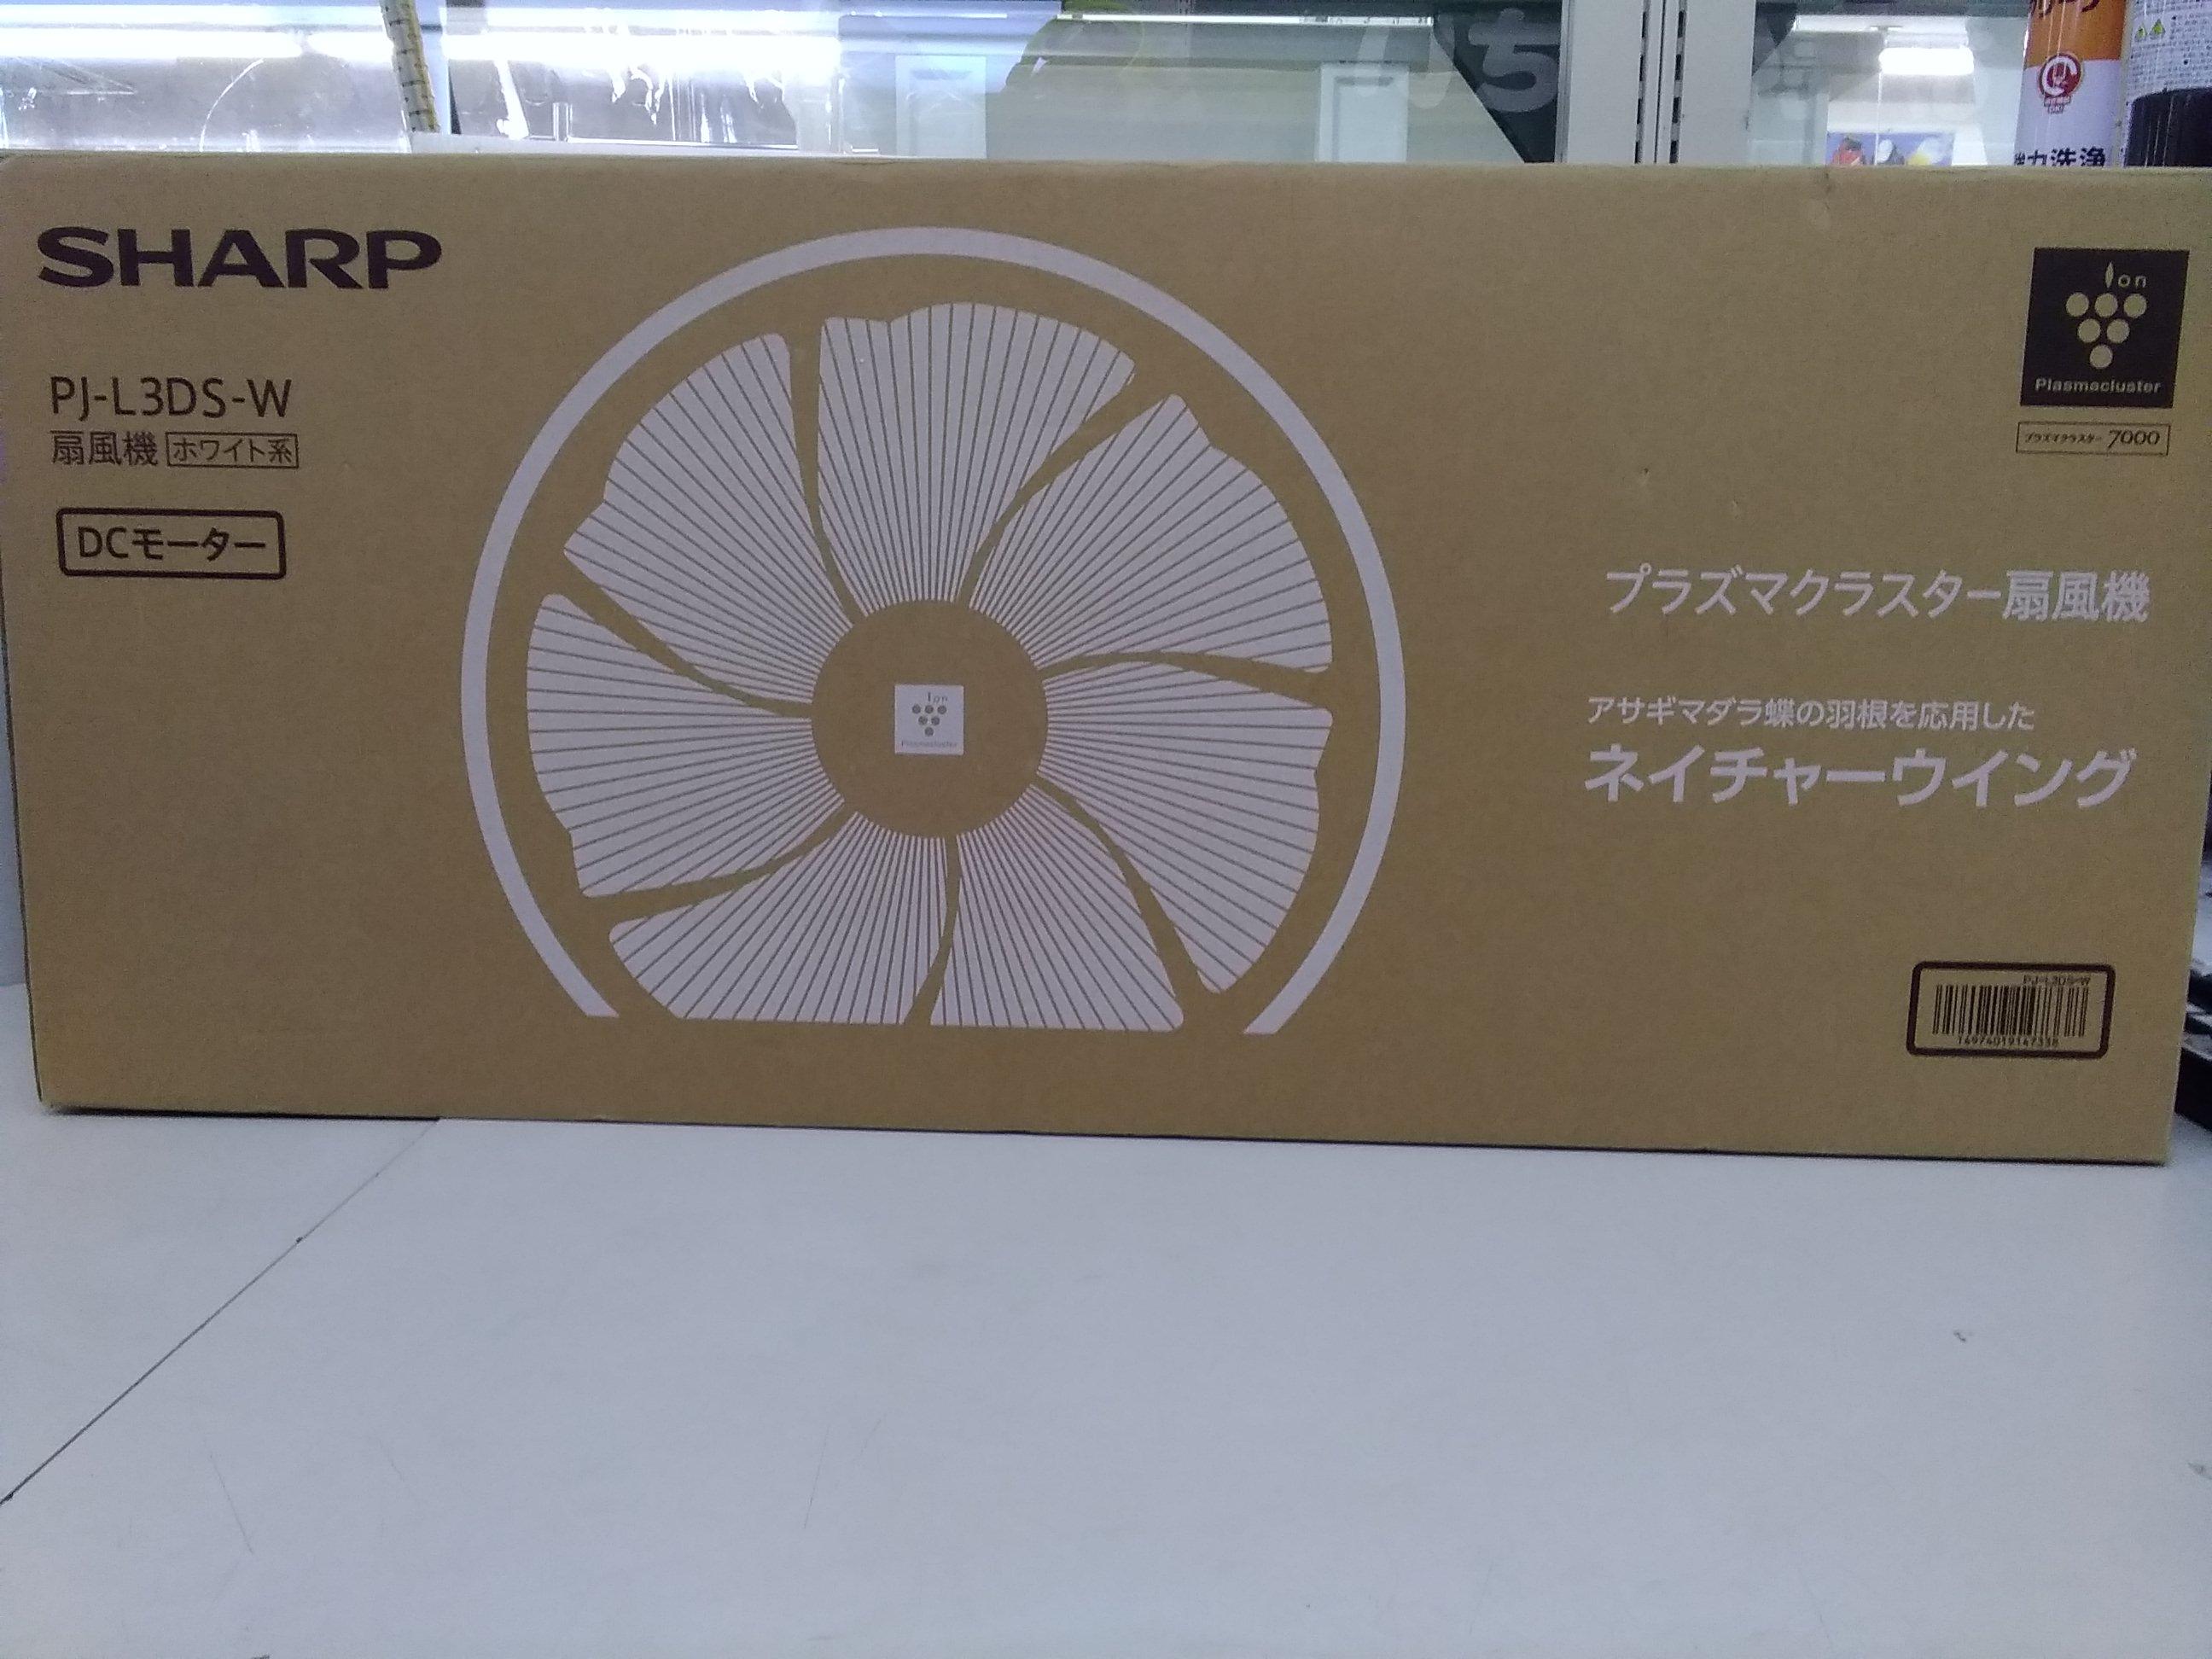 【未使用】PJ-L3DS-W 扇風機 シャープ|SHARP